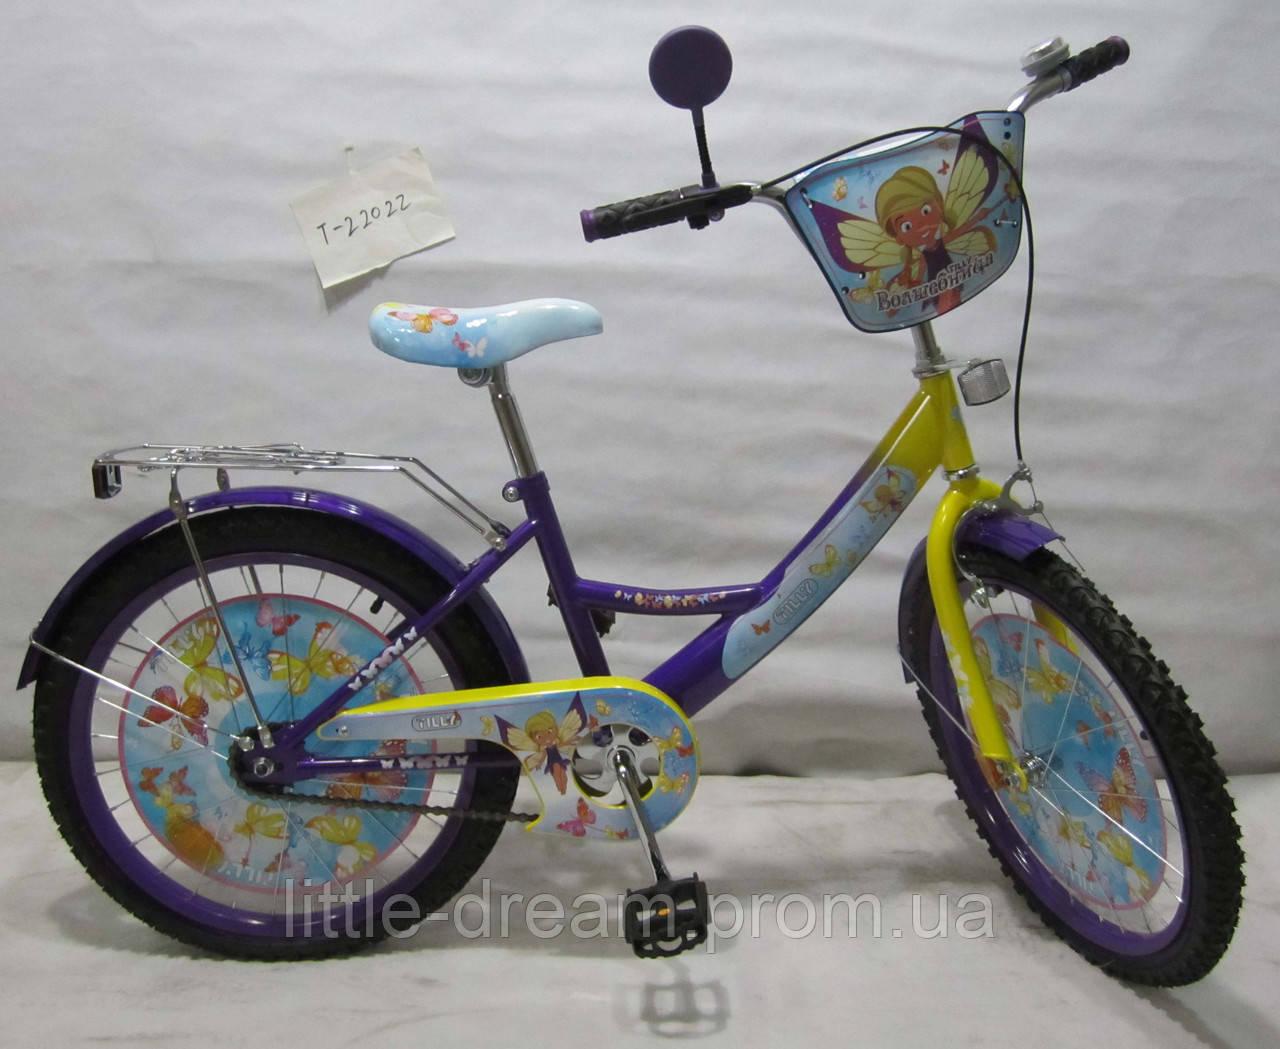 Велосипед TILLY Волшебница 20'' T-22022 purple + yellow